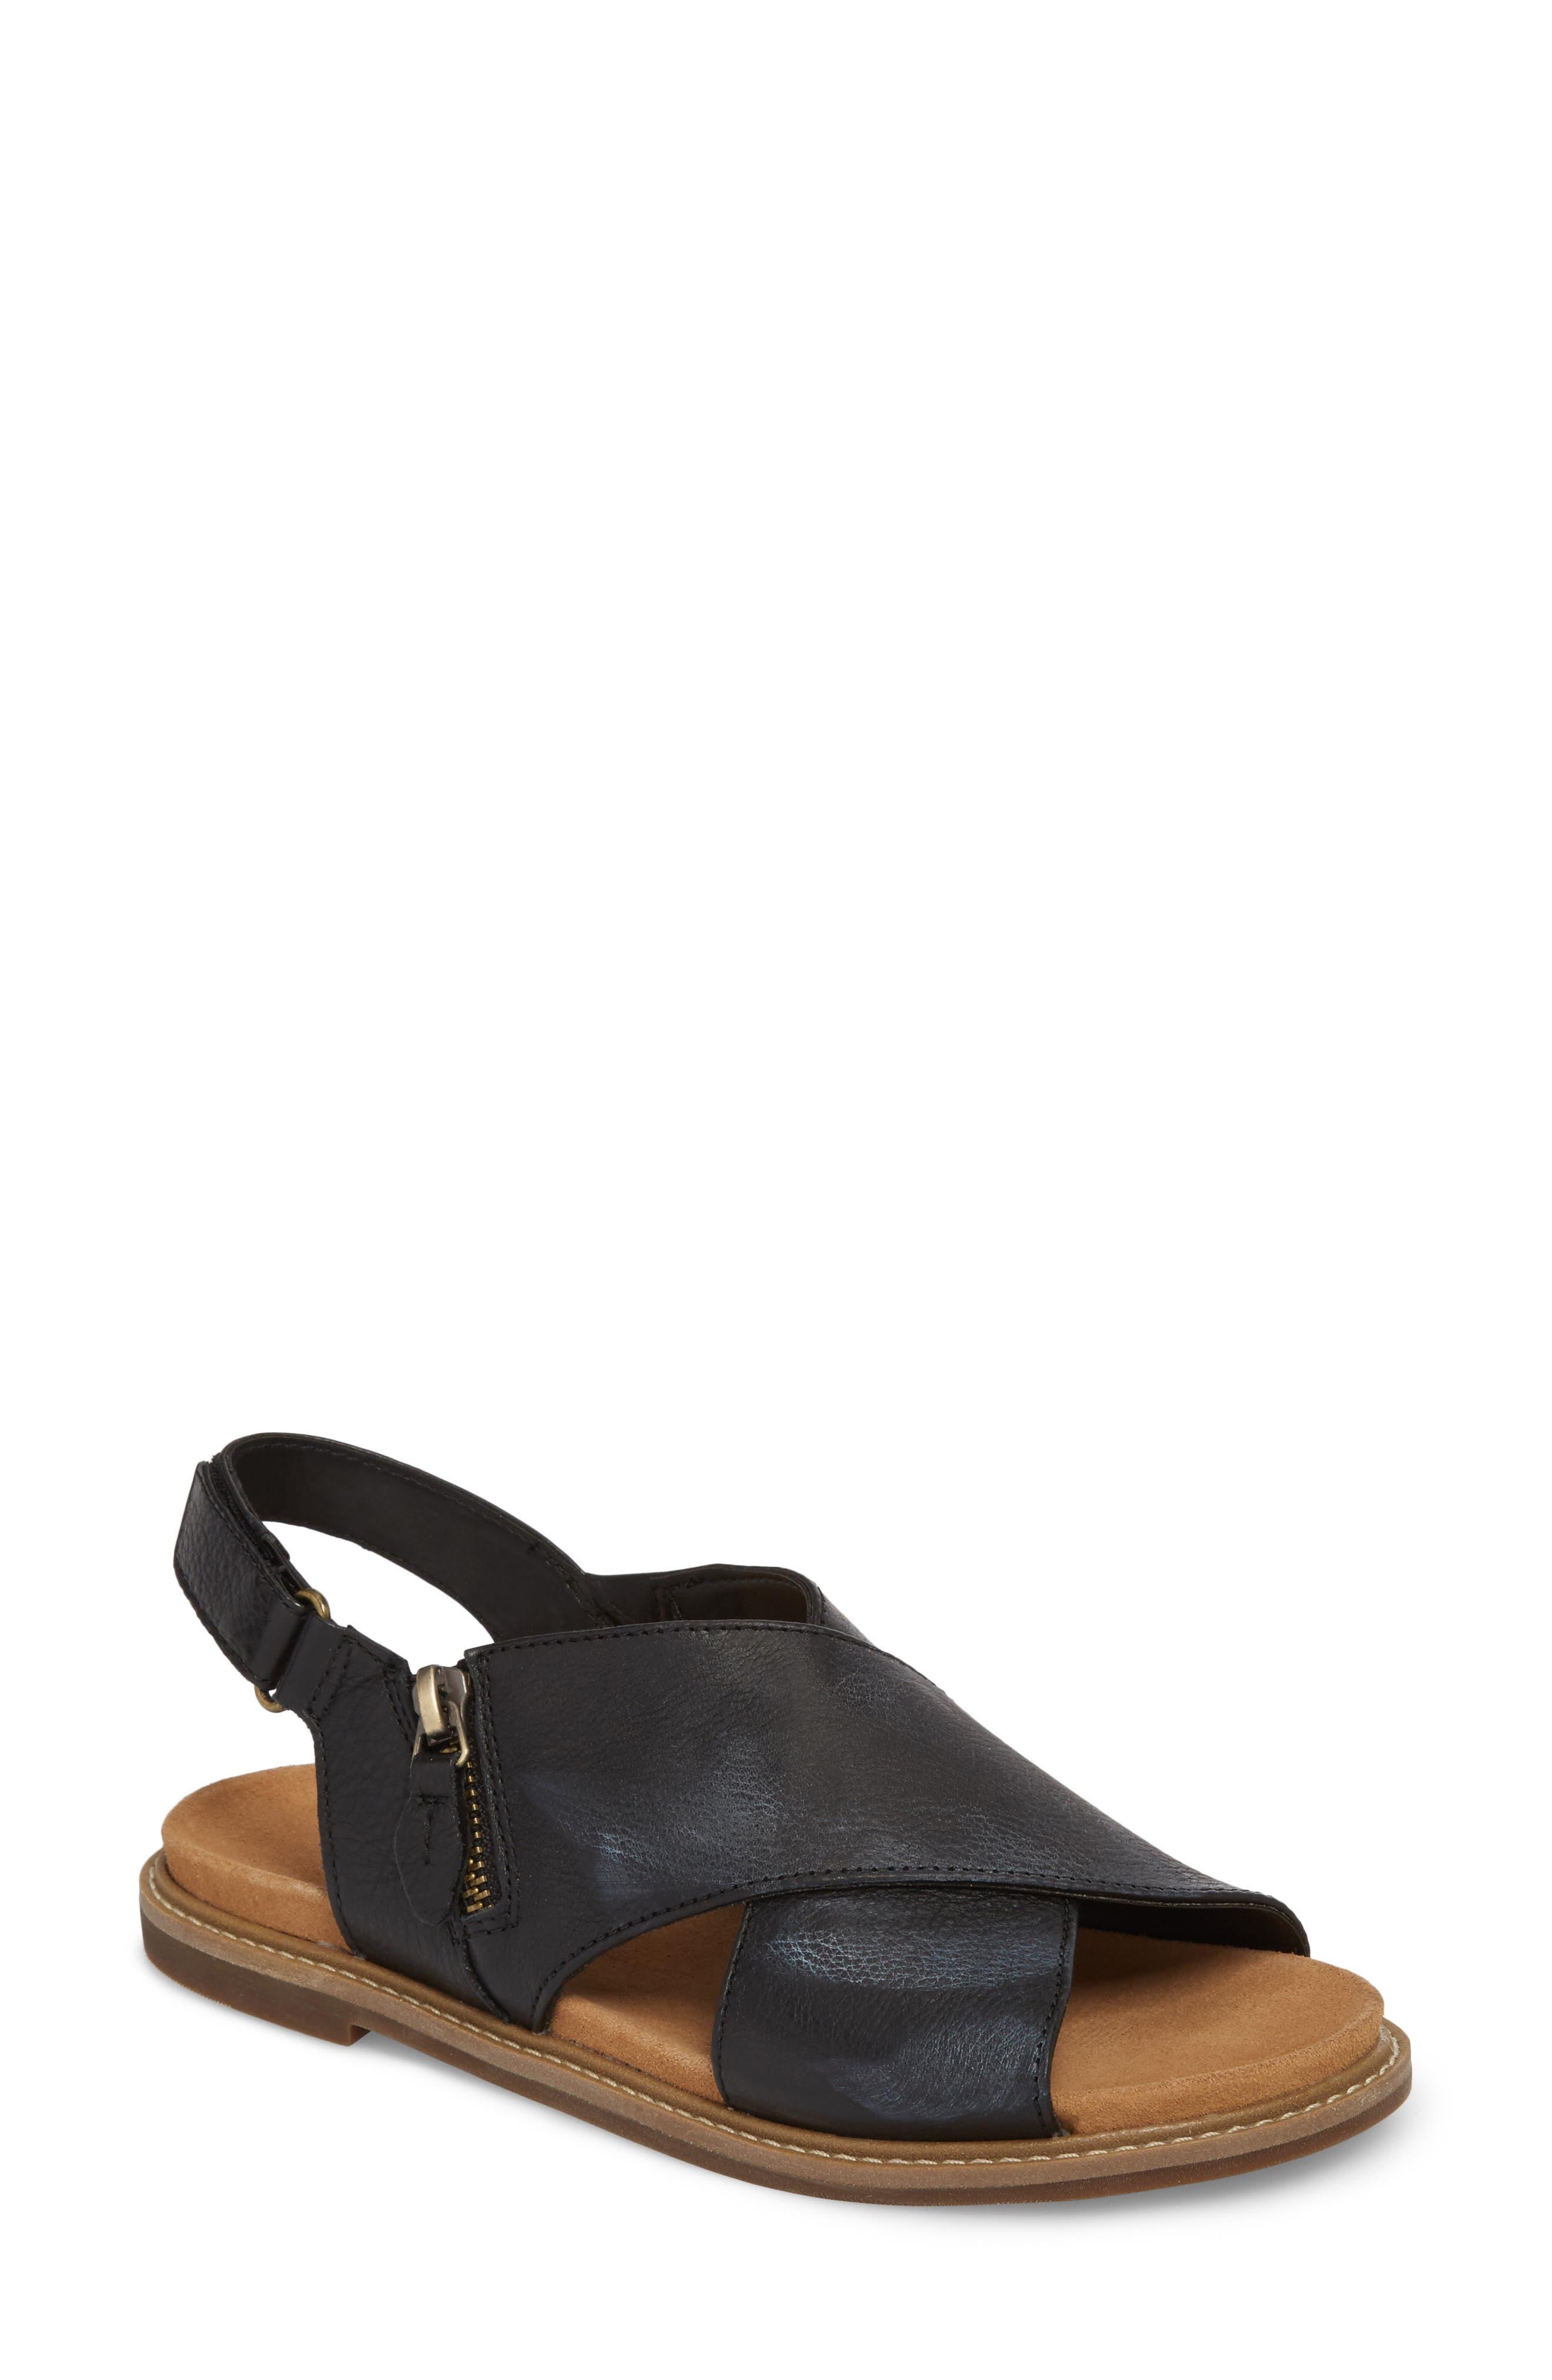 Corsio Calm Sandal,                         Main,                         color,